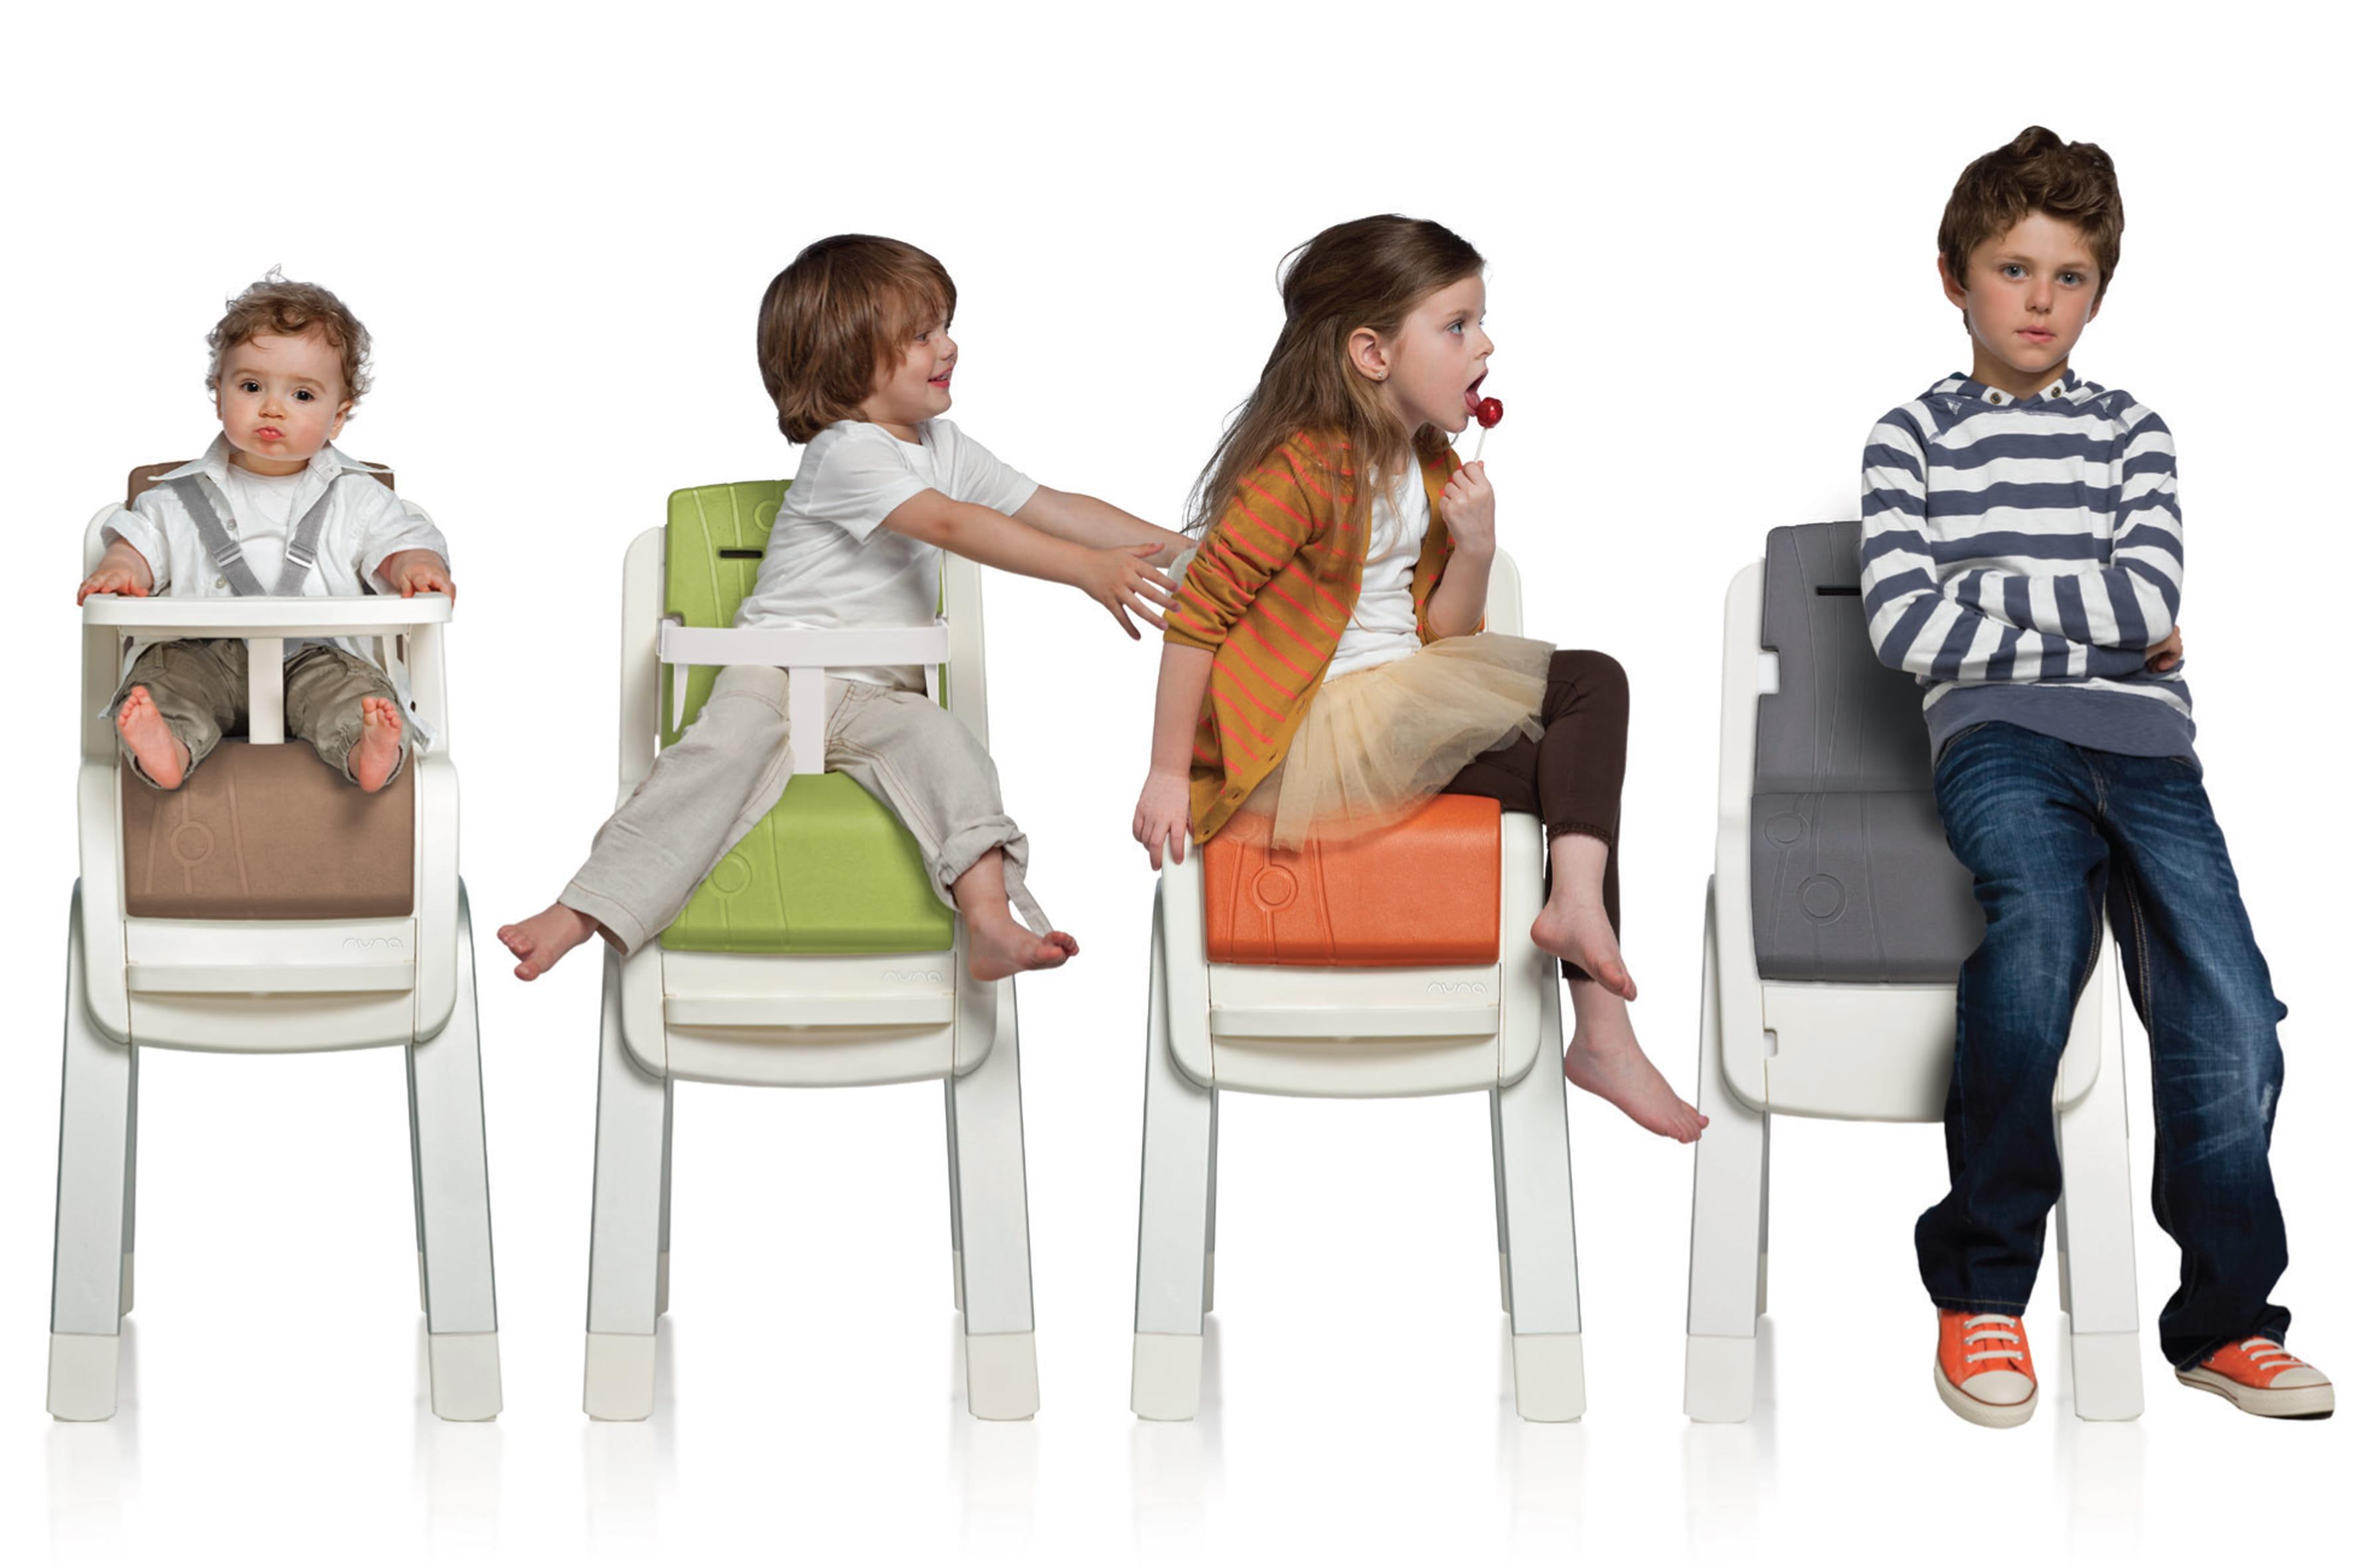 chaise haute zaaz nuna lit chaise haute si ge auto choisissez les volutifs journal. Black Bedroom Furniture Sets. Home Design Ideas